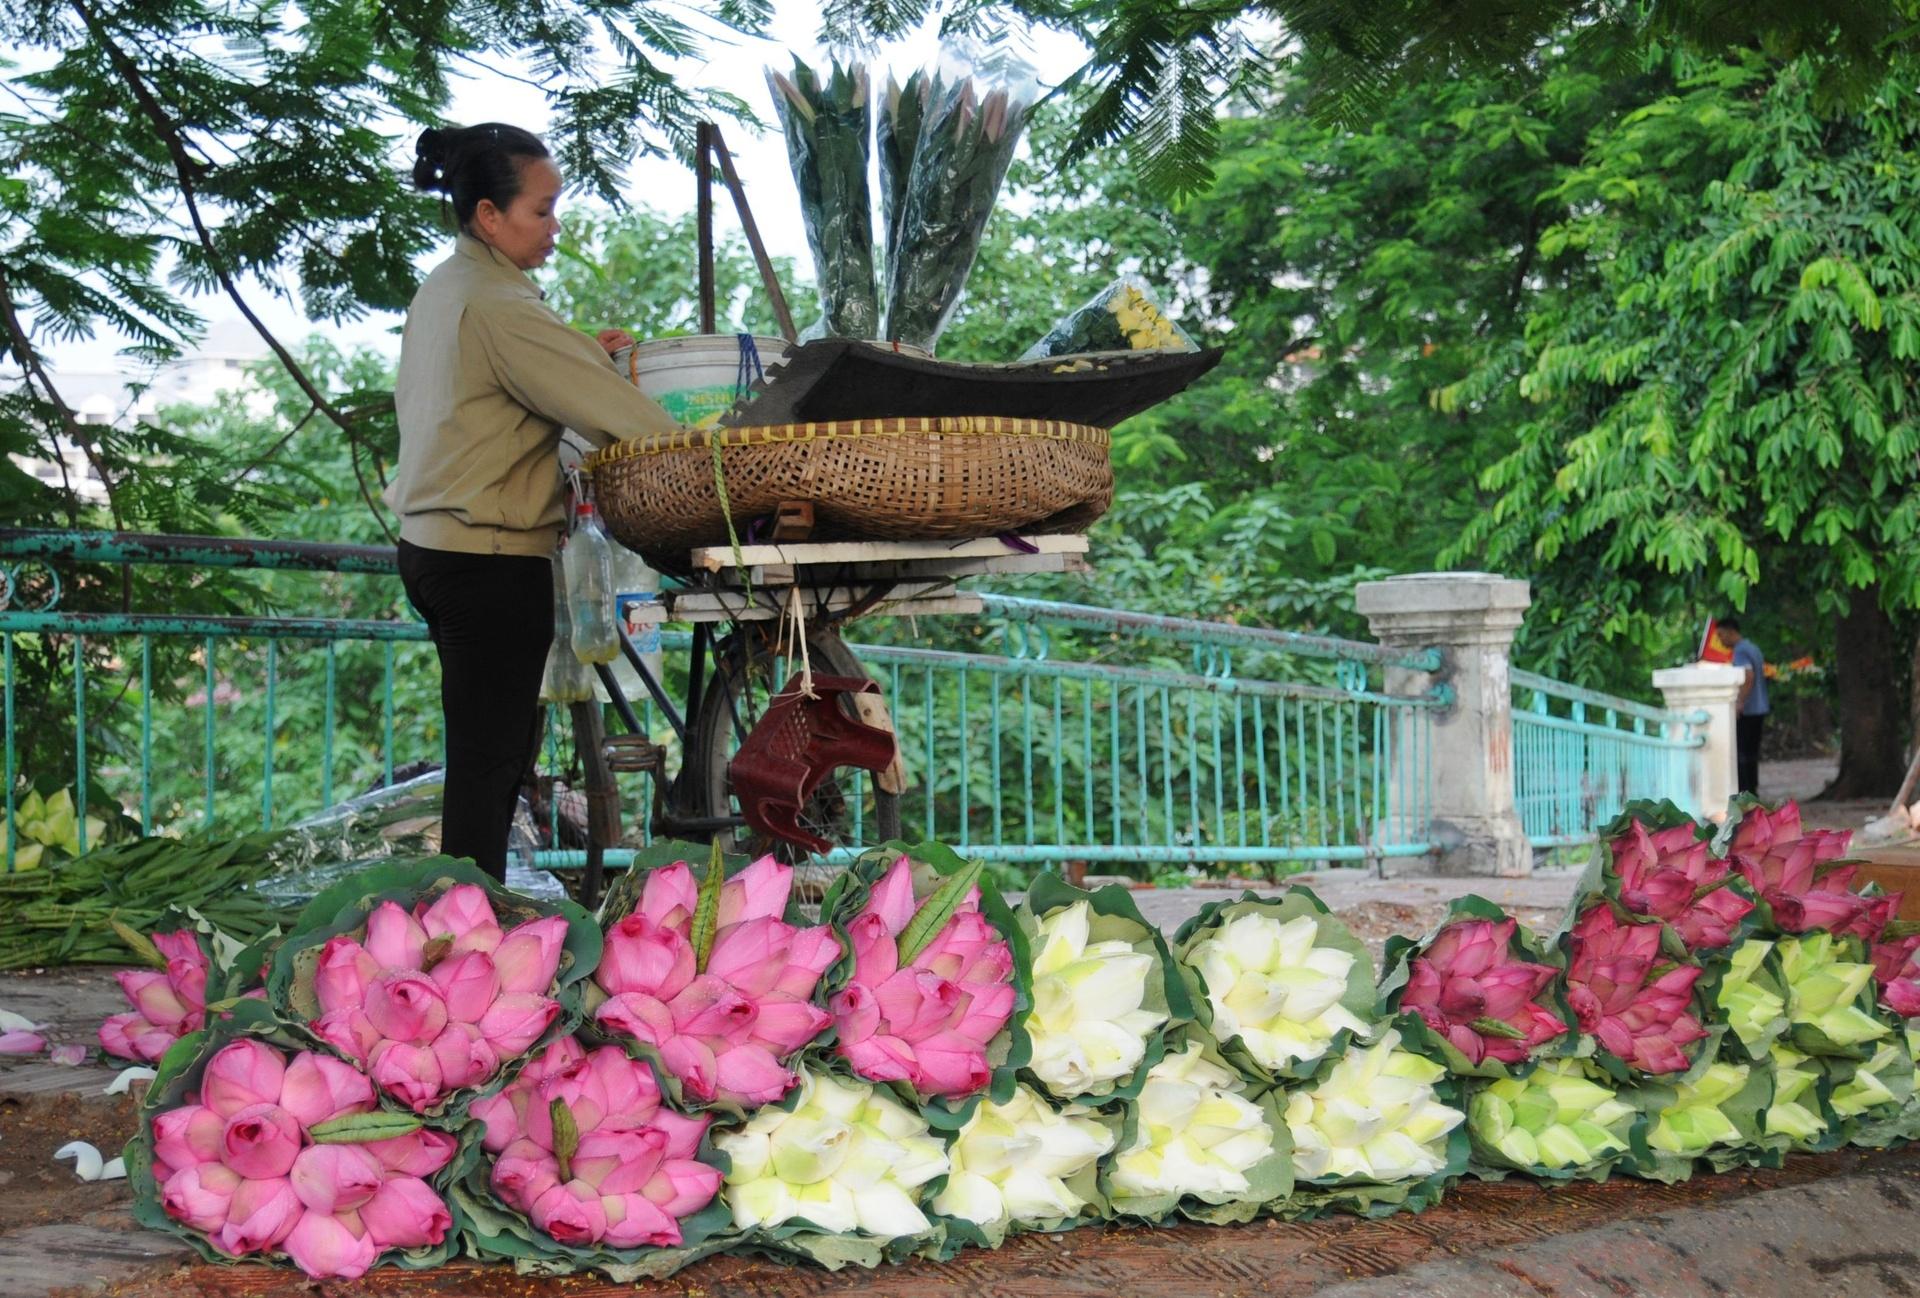 Ha Noi ruc ro trong nhung sac hoa mua he hinh anh 38